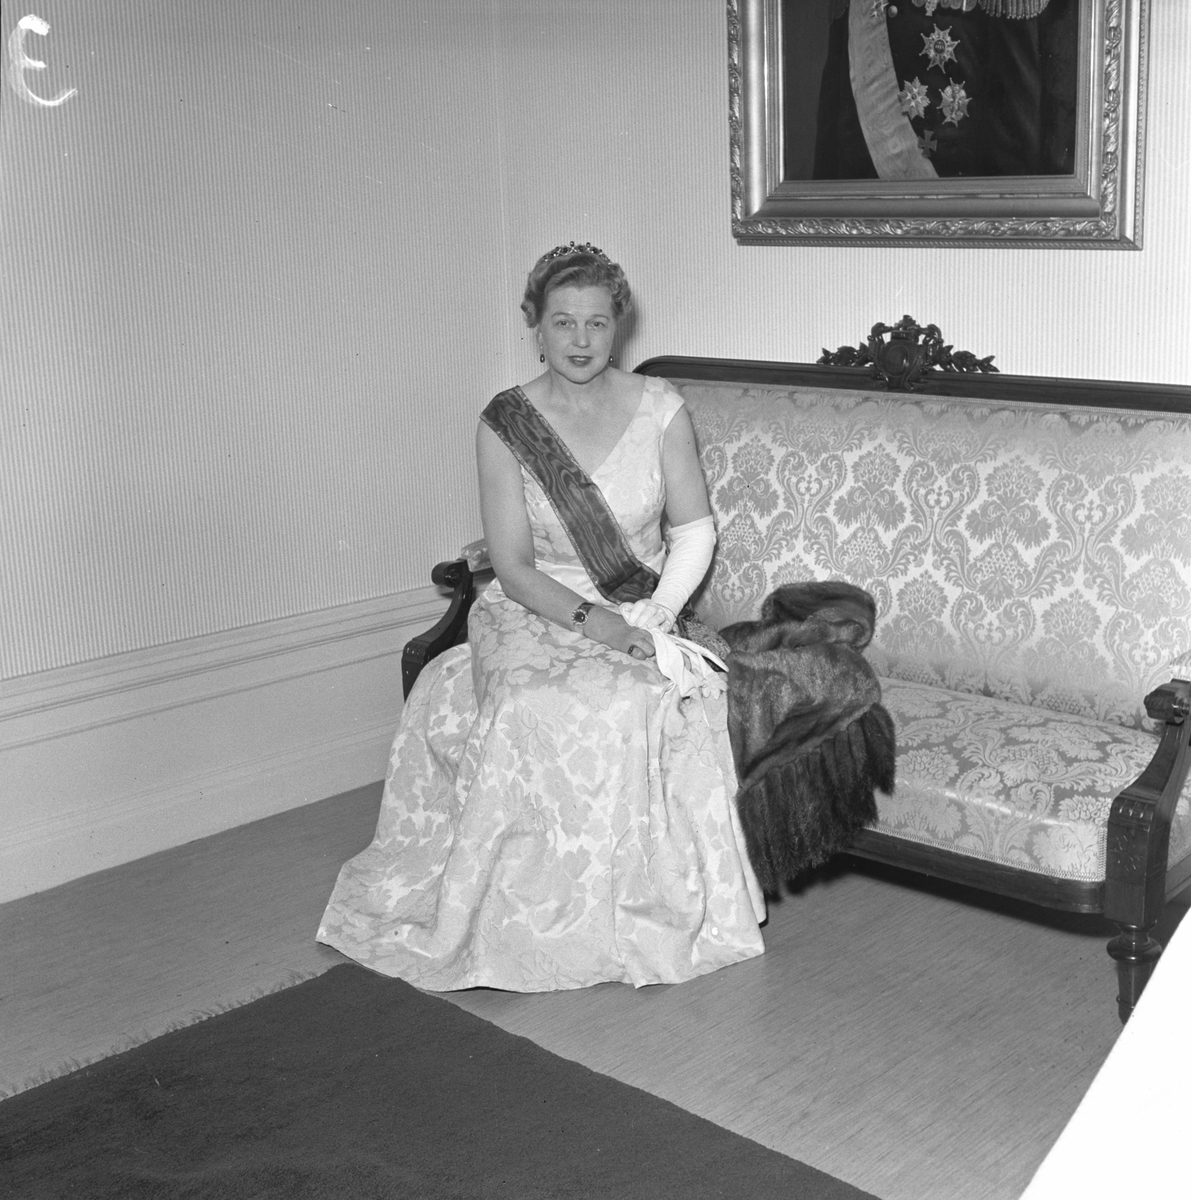 Landshövdinskan, fru Lingman. 10 november 1956.